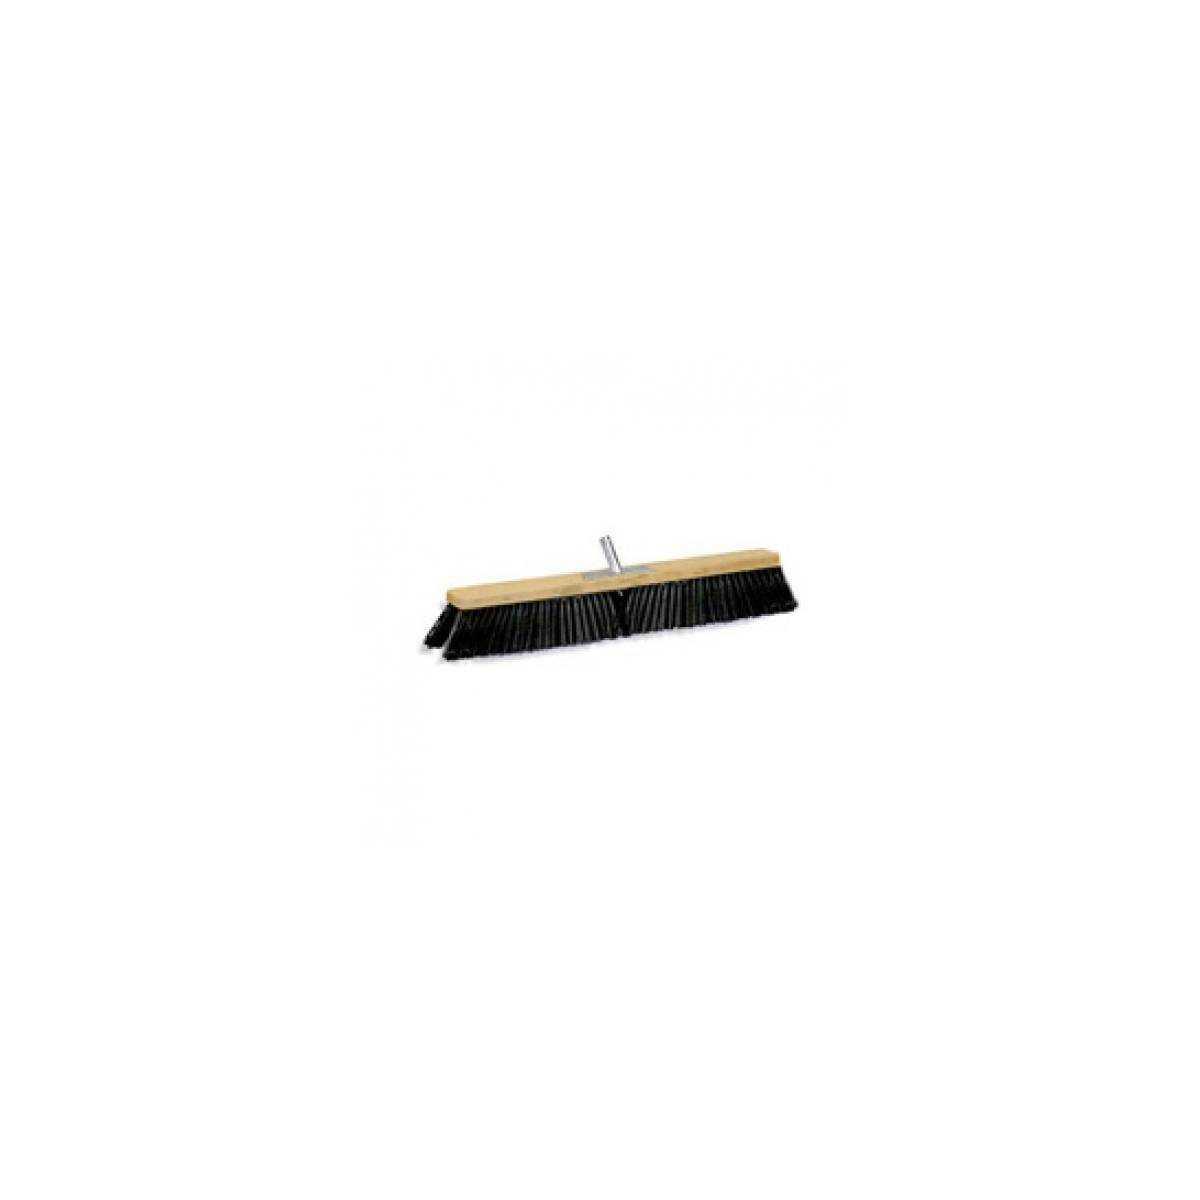 Щетка для пола поливинилхлорид 80см 5502 TTS